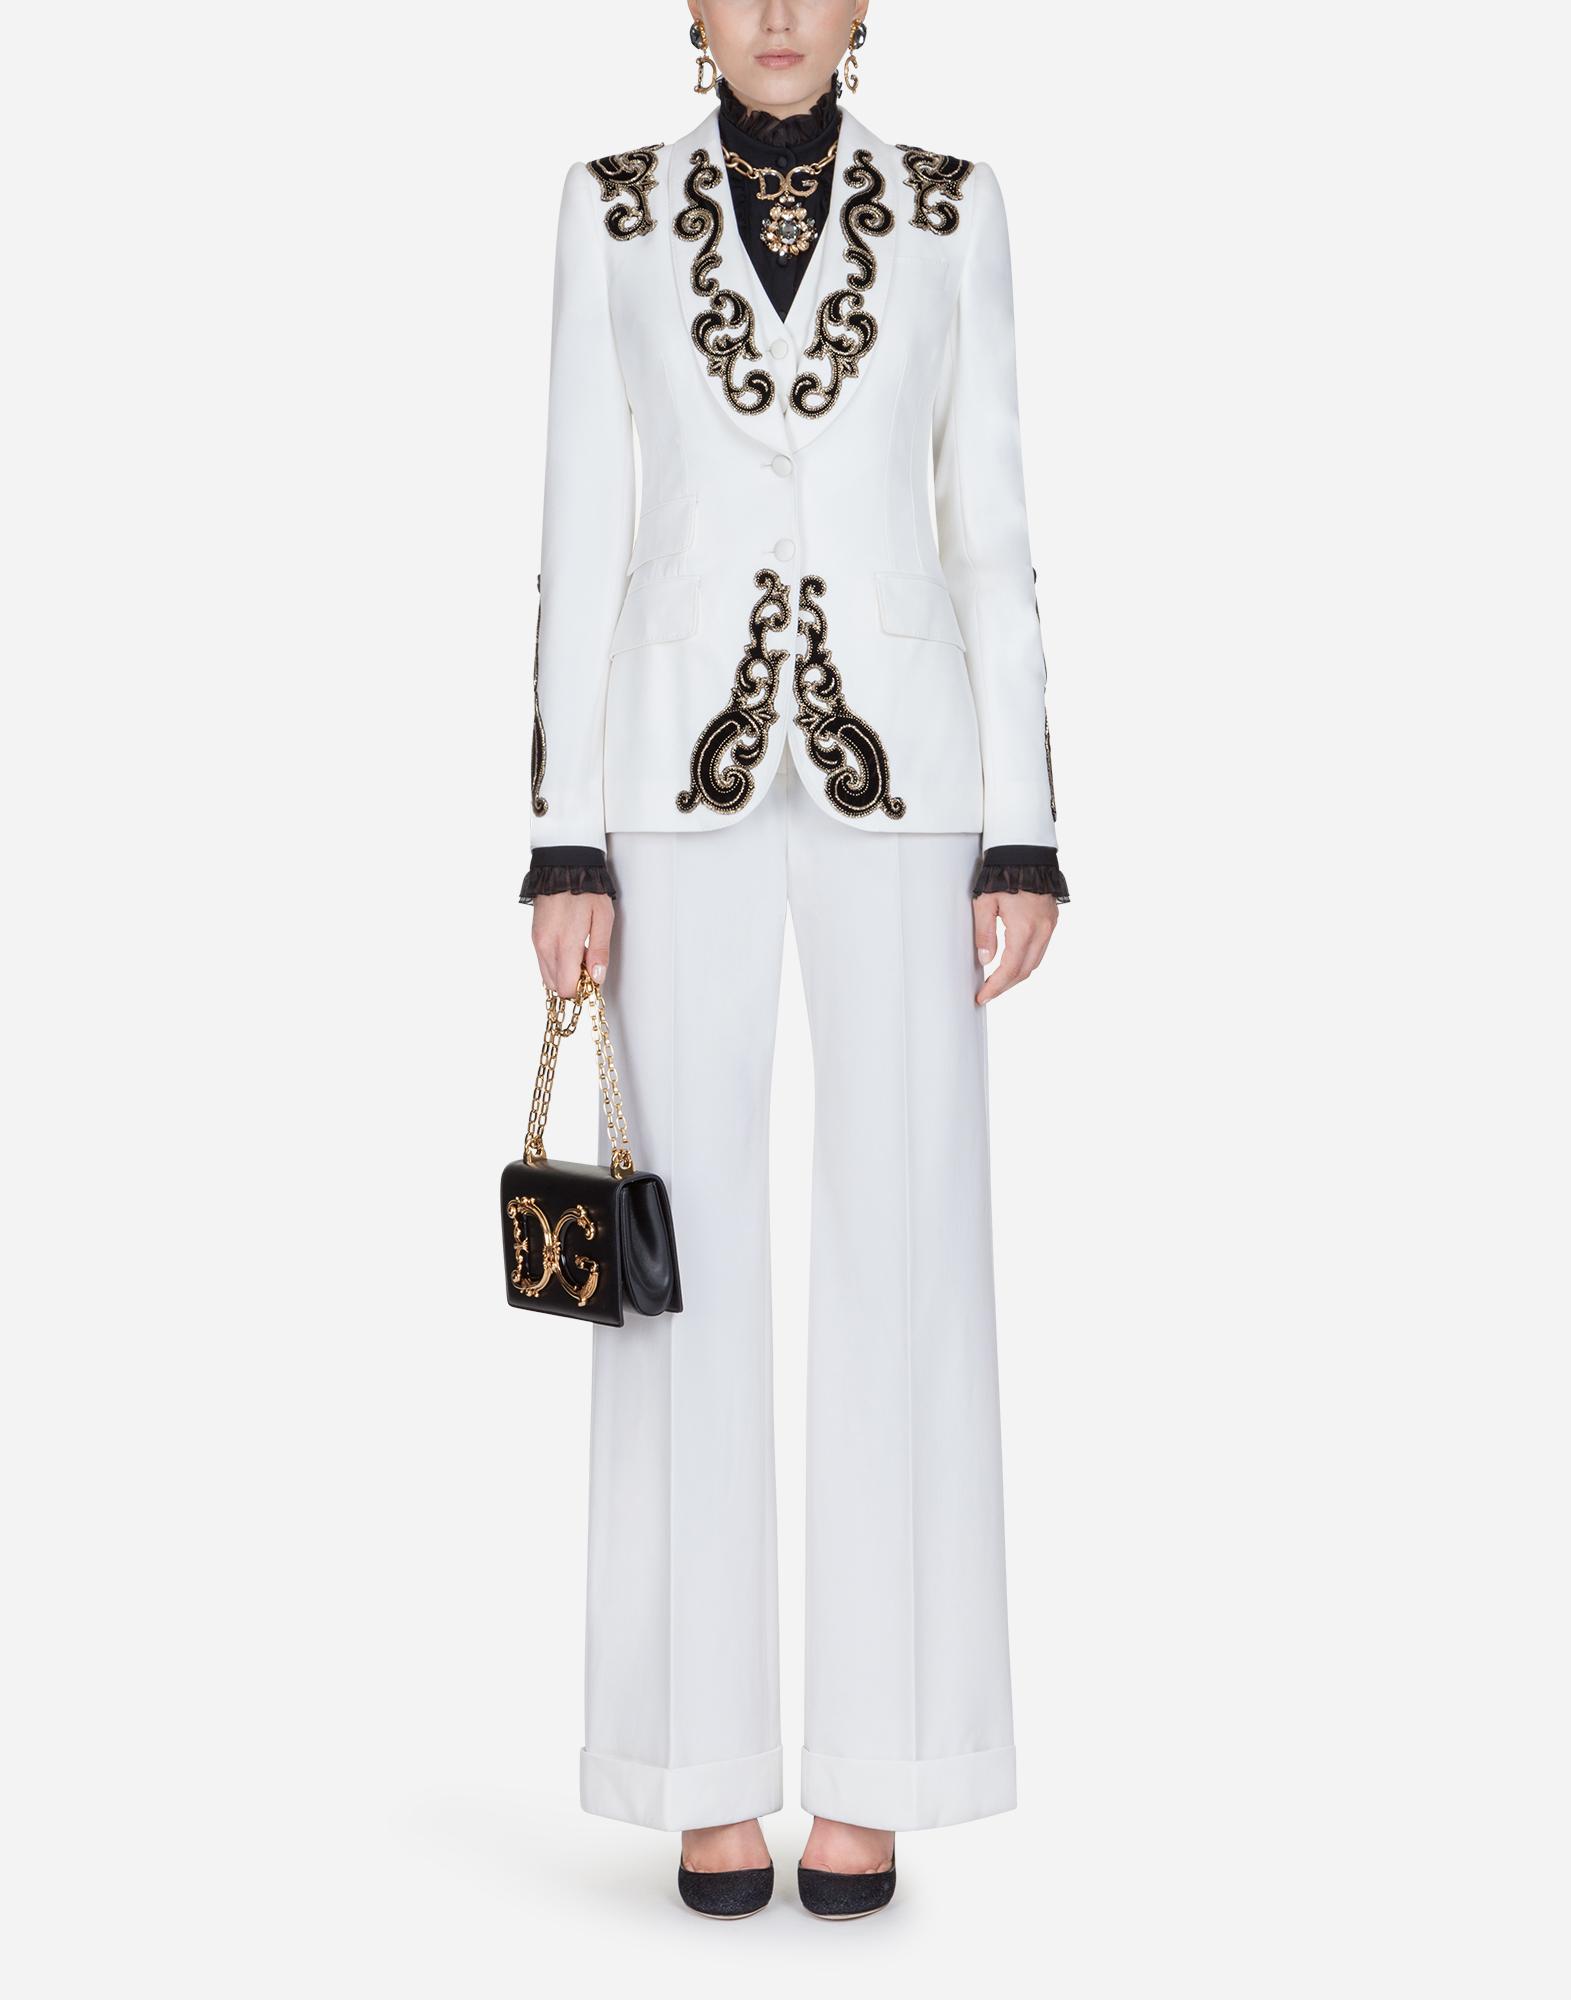 Dolce & Gabbana WOOL PALAZZO PANTS